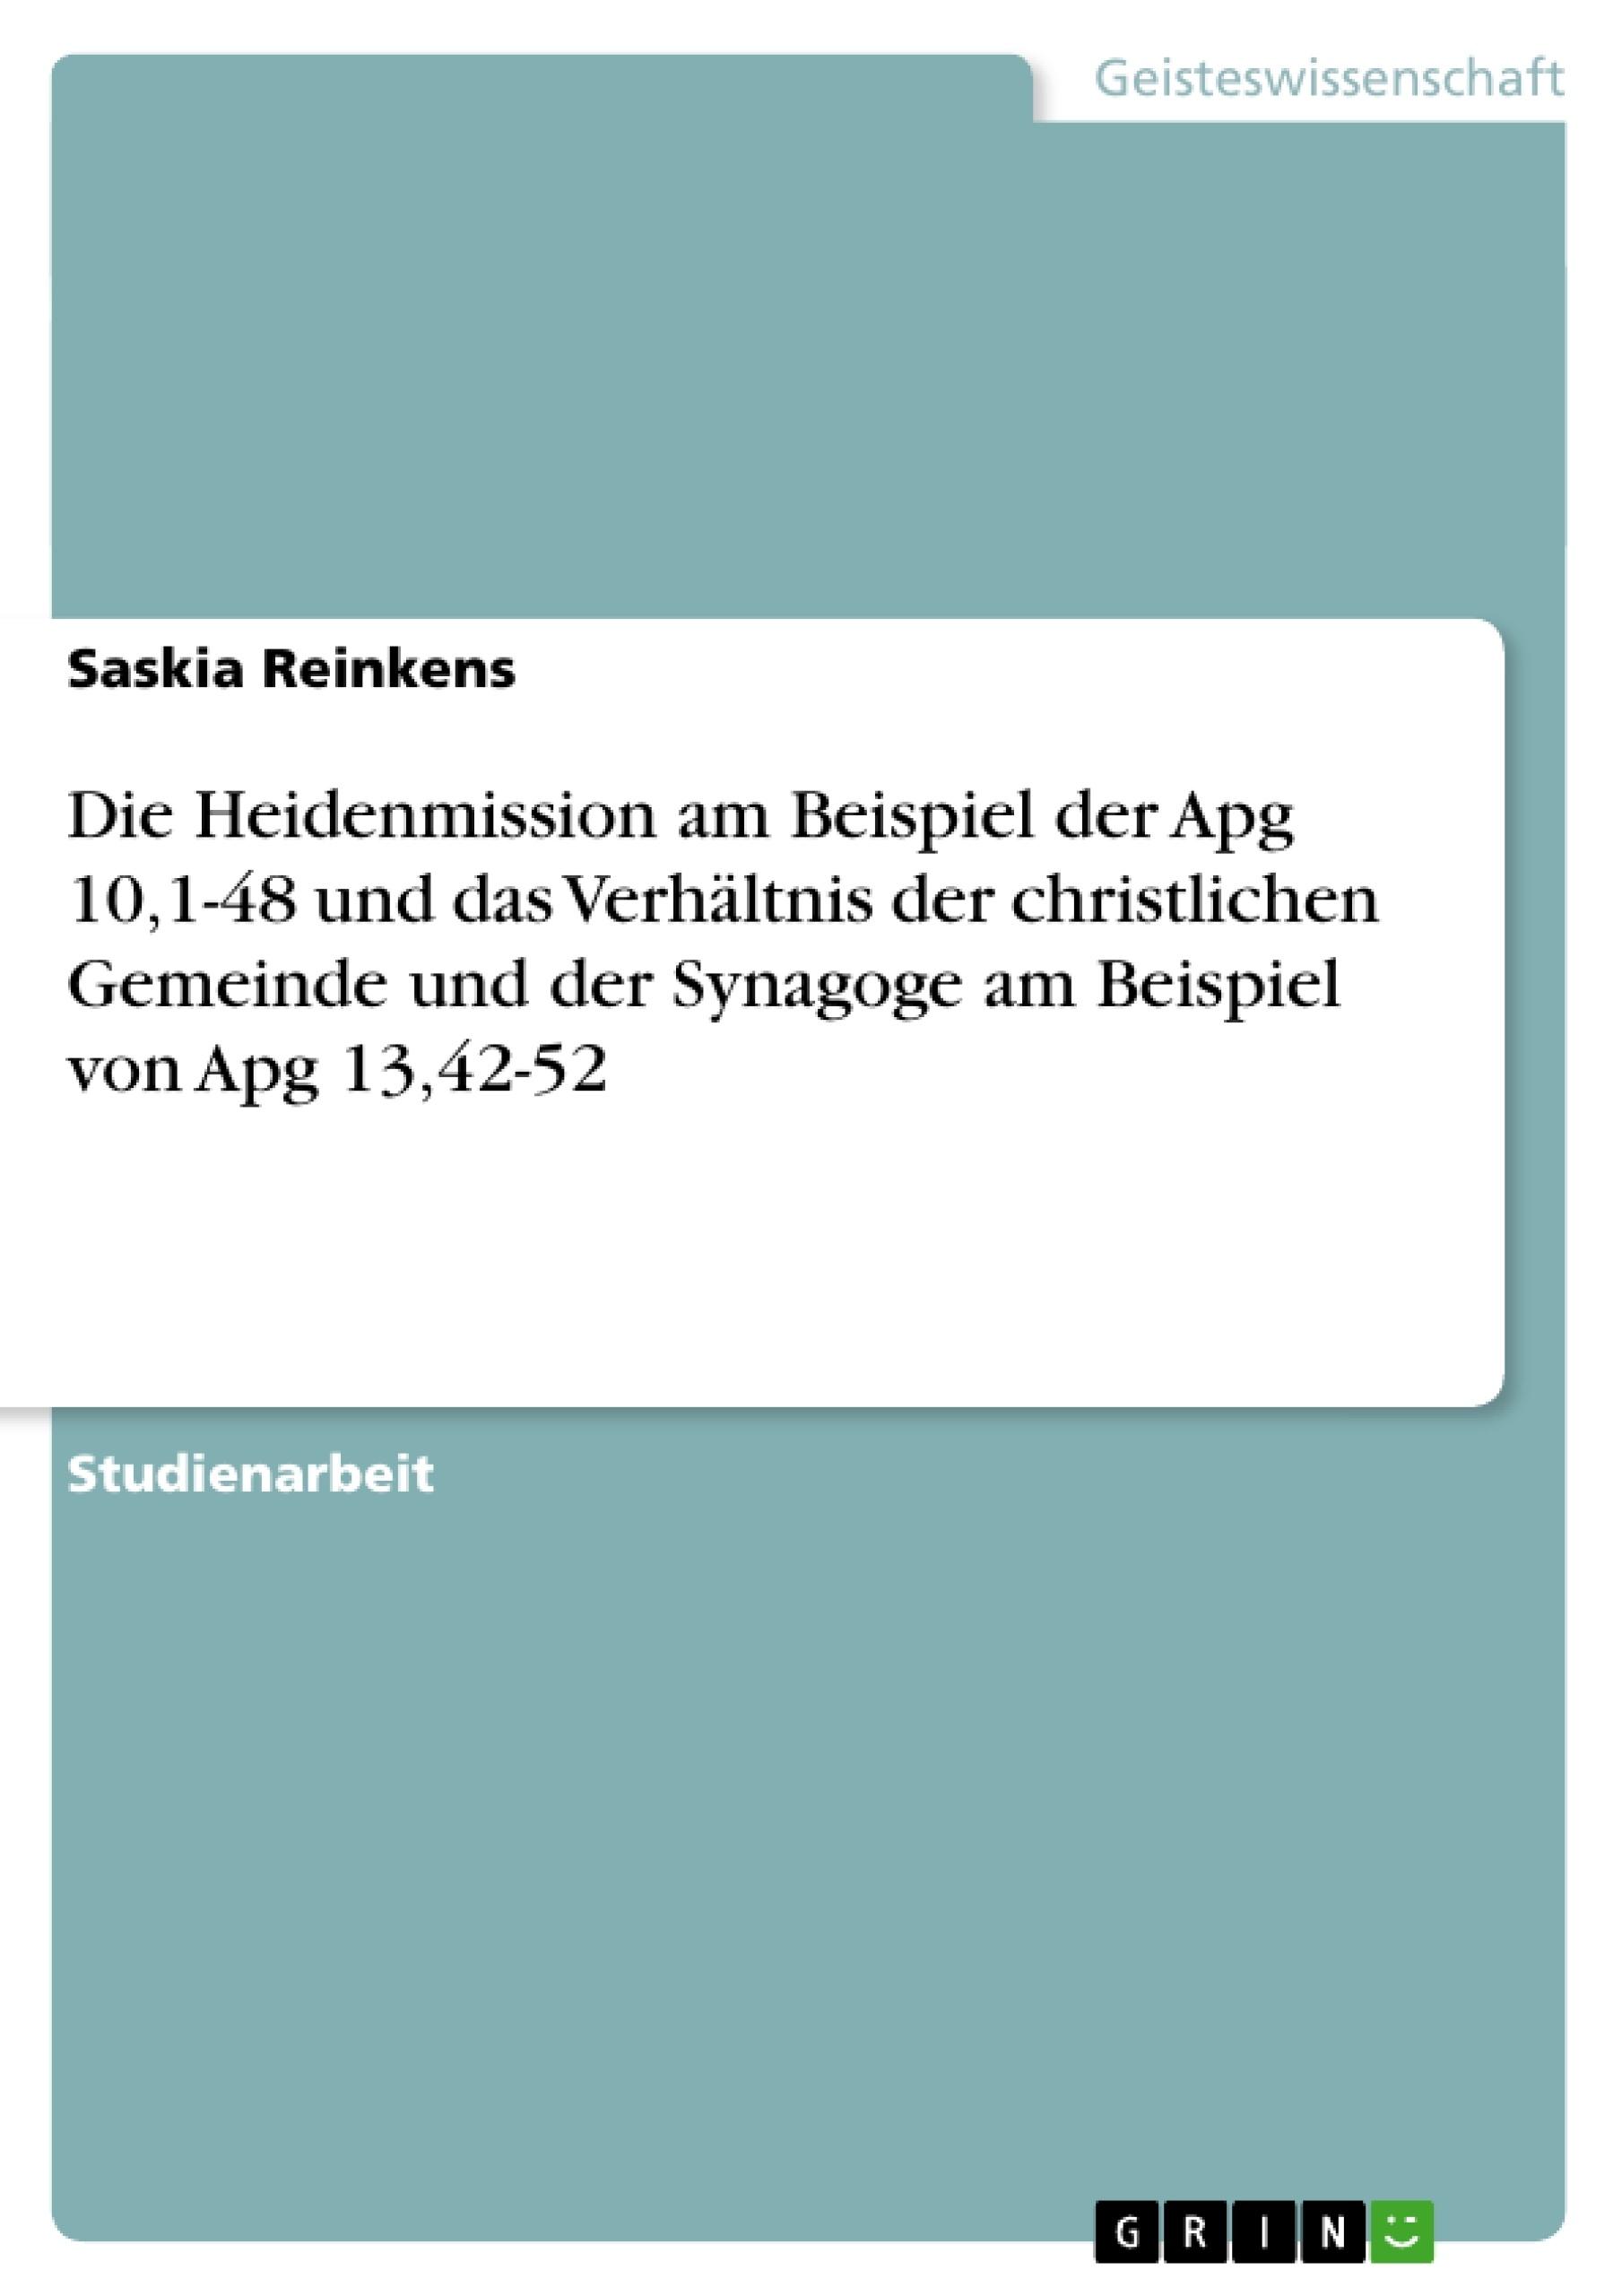 Titel: Die Heidenmission am Beispiel der Apg 10,1-48 und das Verhältnis der christlichen Gemeinde und der Synagoge am Beispiel von Apg 13,42-52